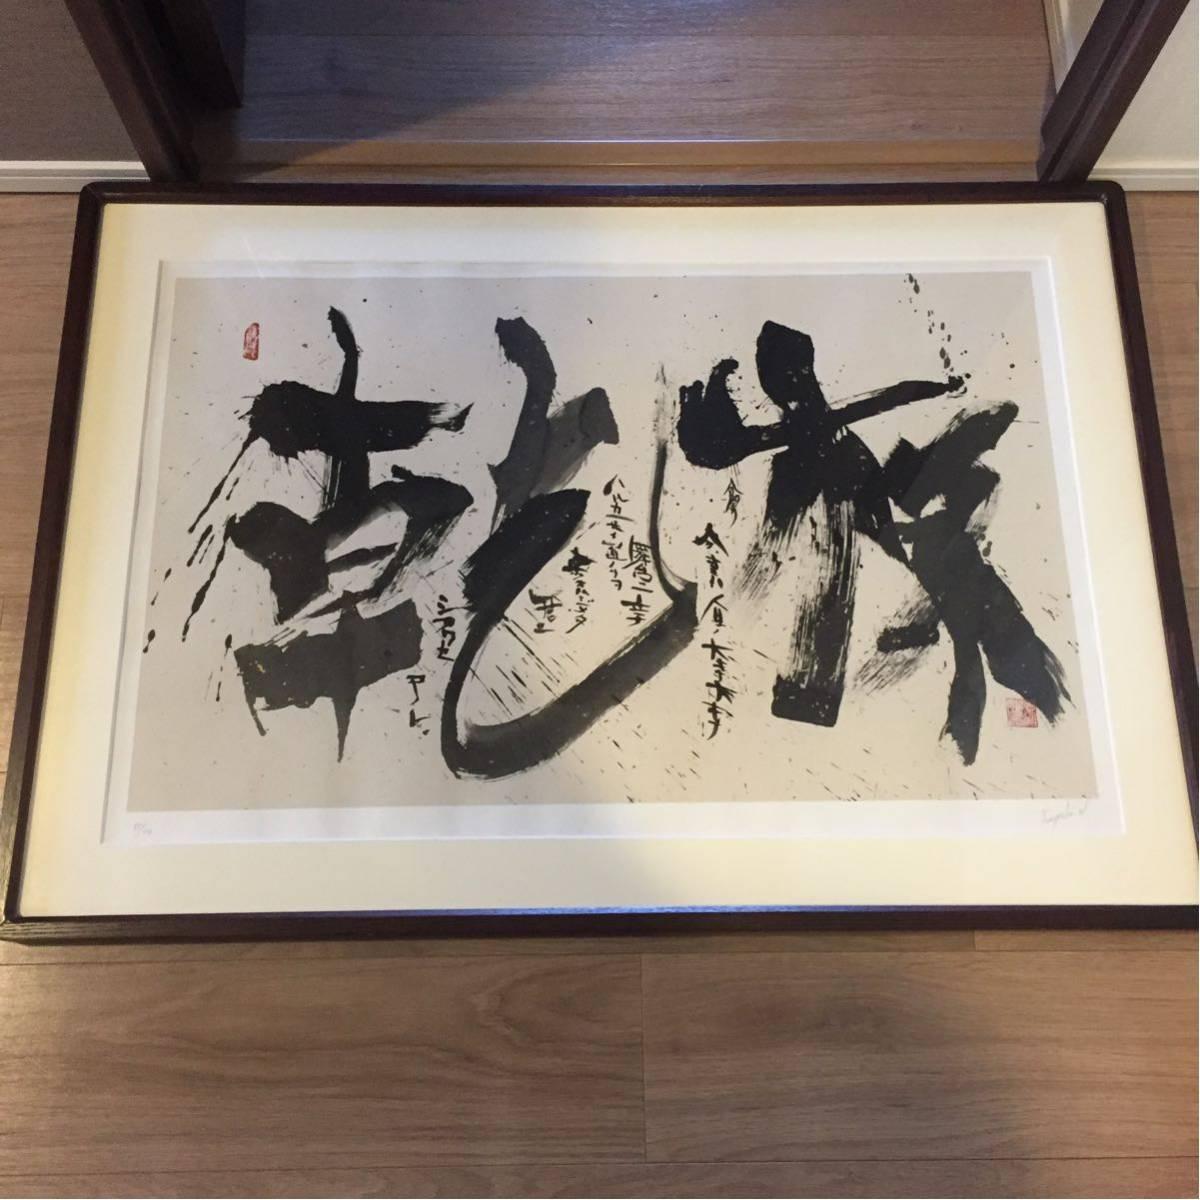 【限定100枚】長渕剛 1998年 詩画展 【乾杯】シルクスクリーン 美品